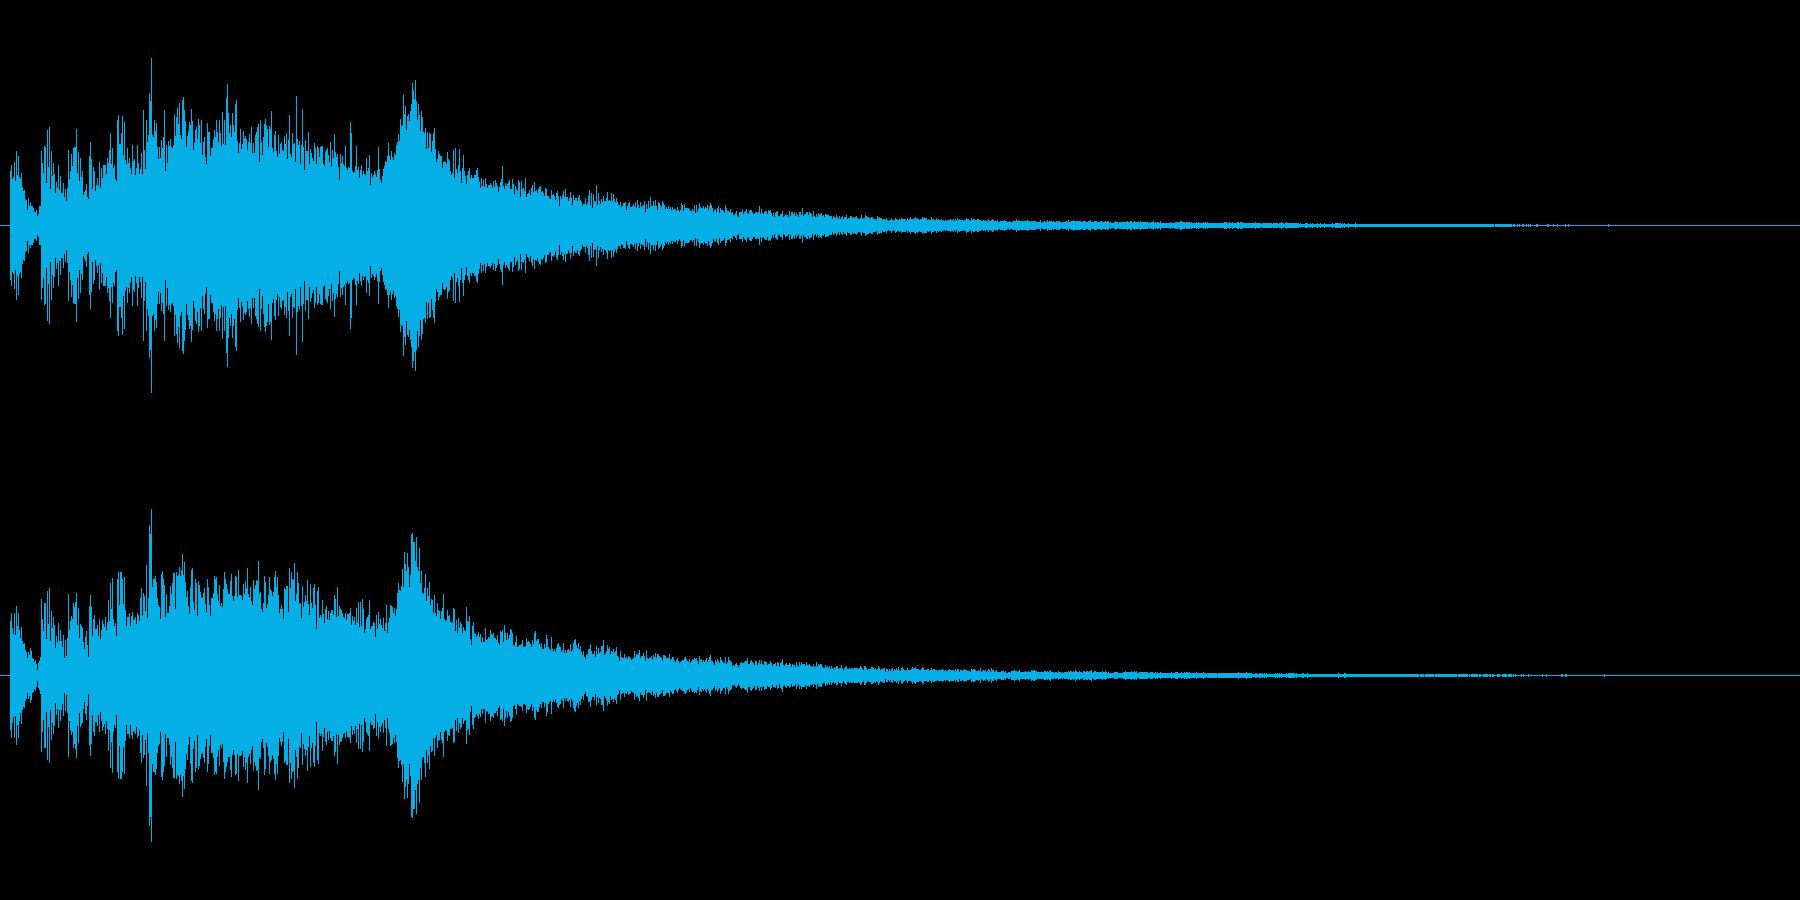 『ジャジャジャーン!』中国ドラの連打音の再生済みの波形